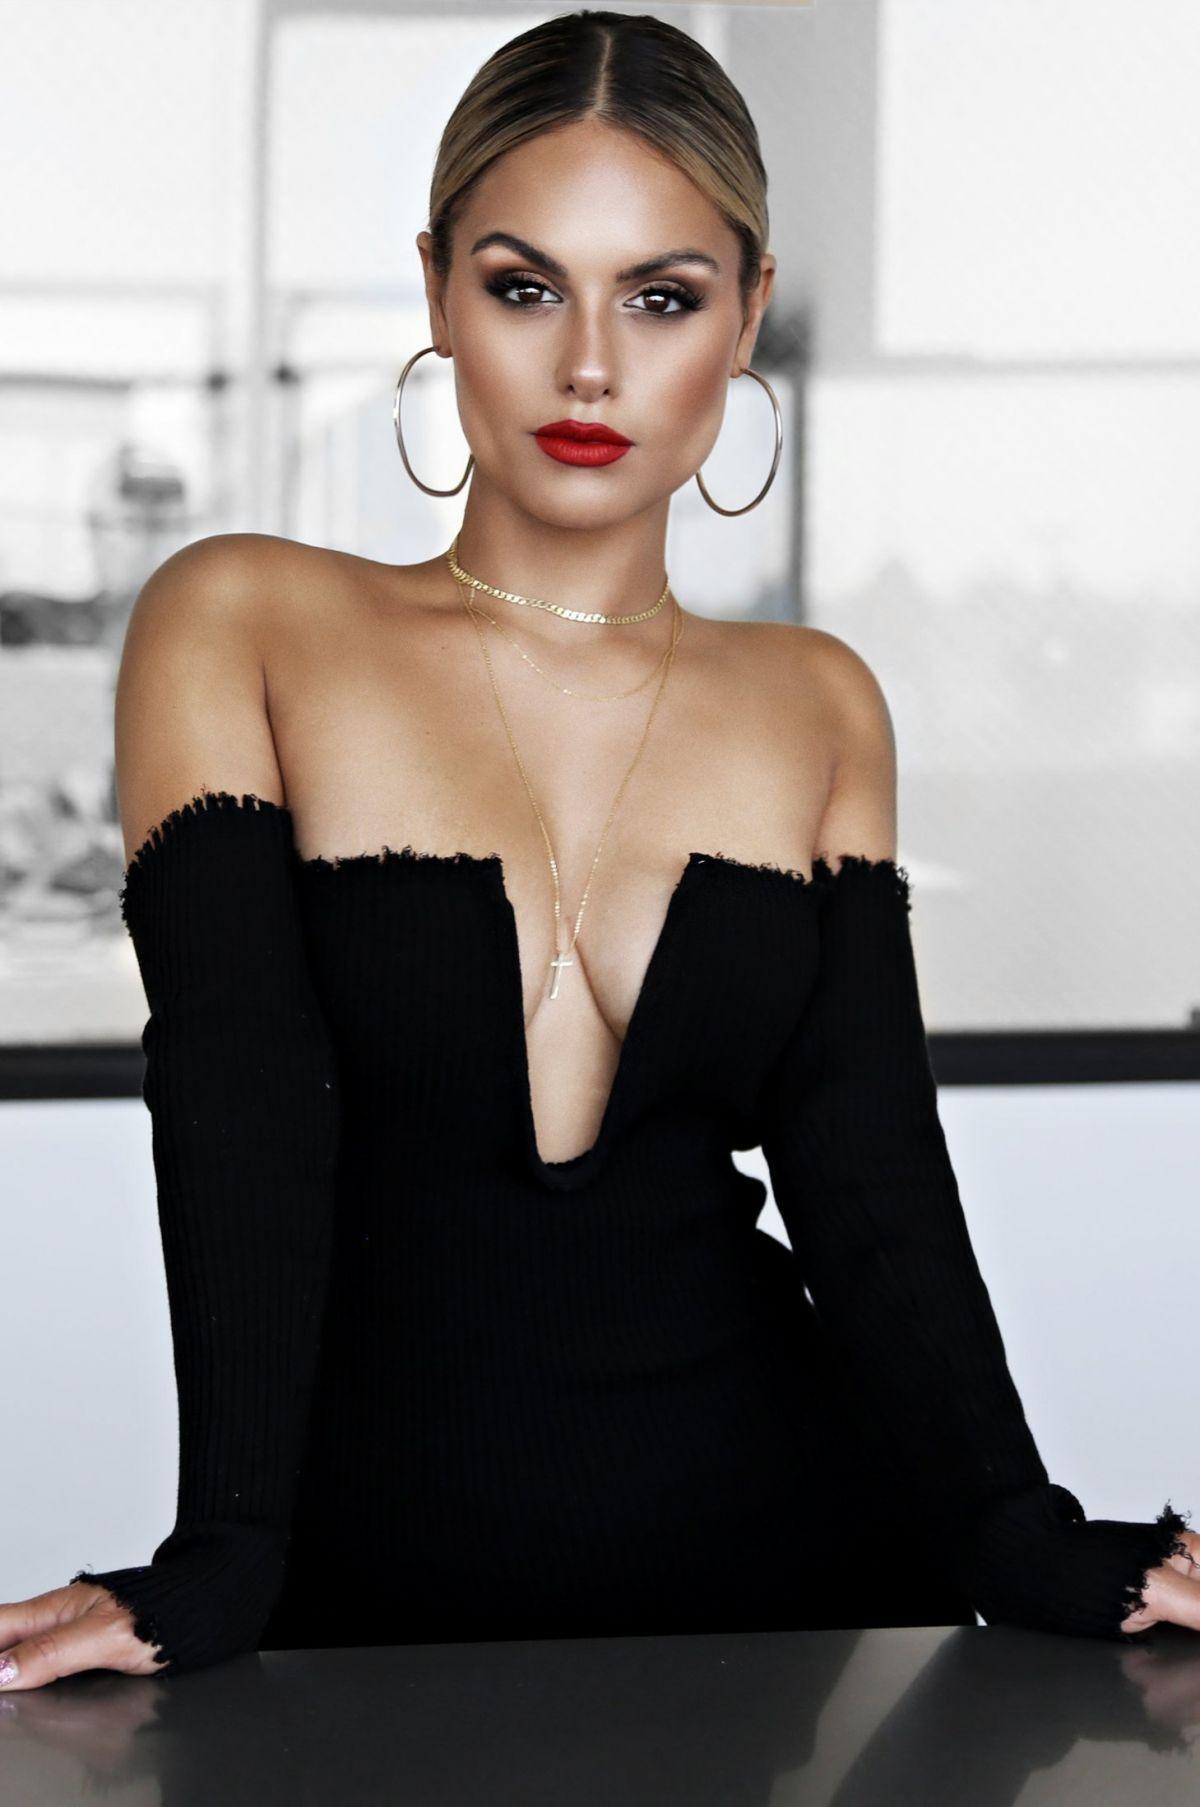 Pia toscano jluxlabel fallin for pia fashion line 2019